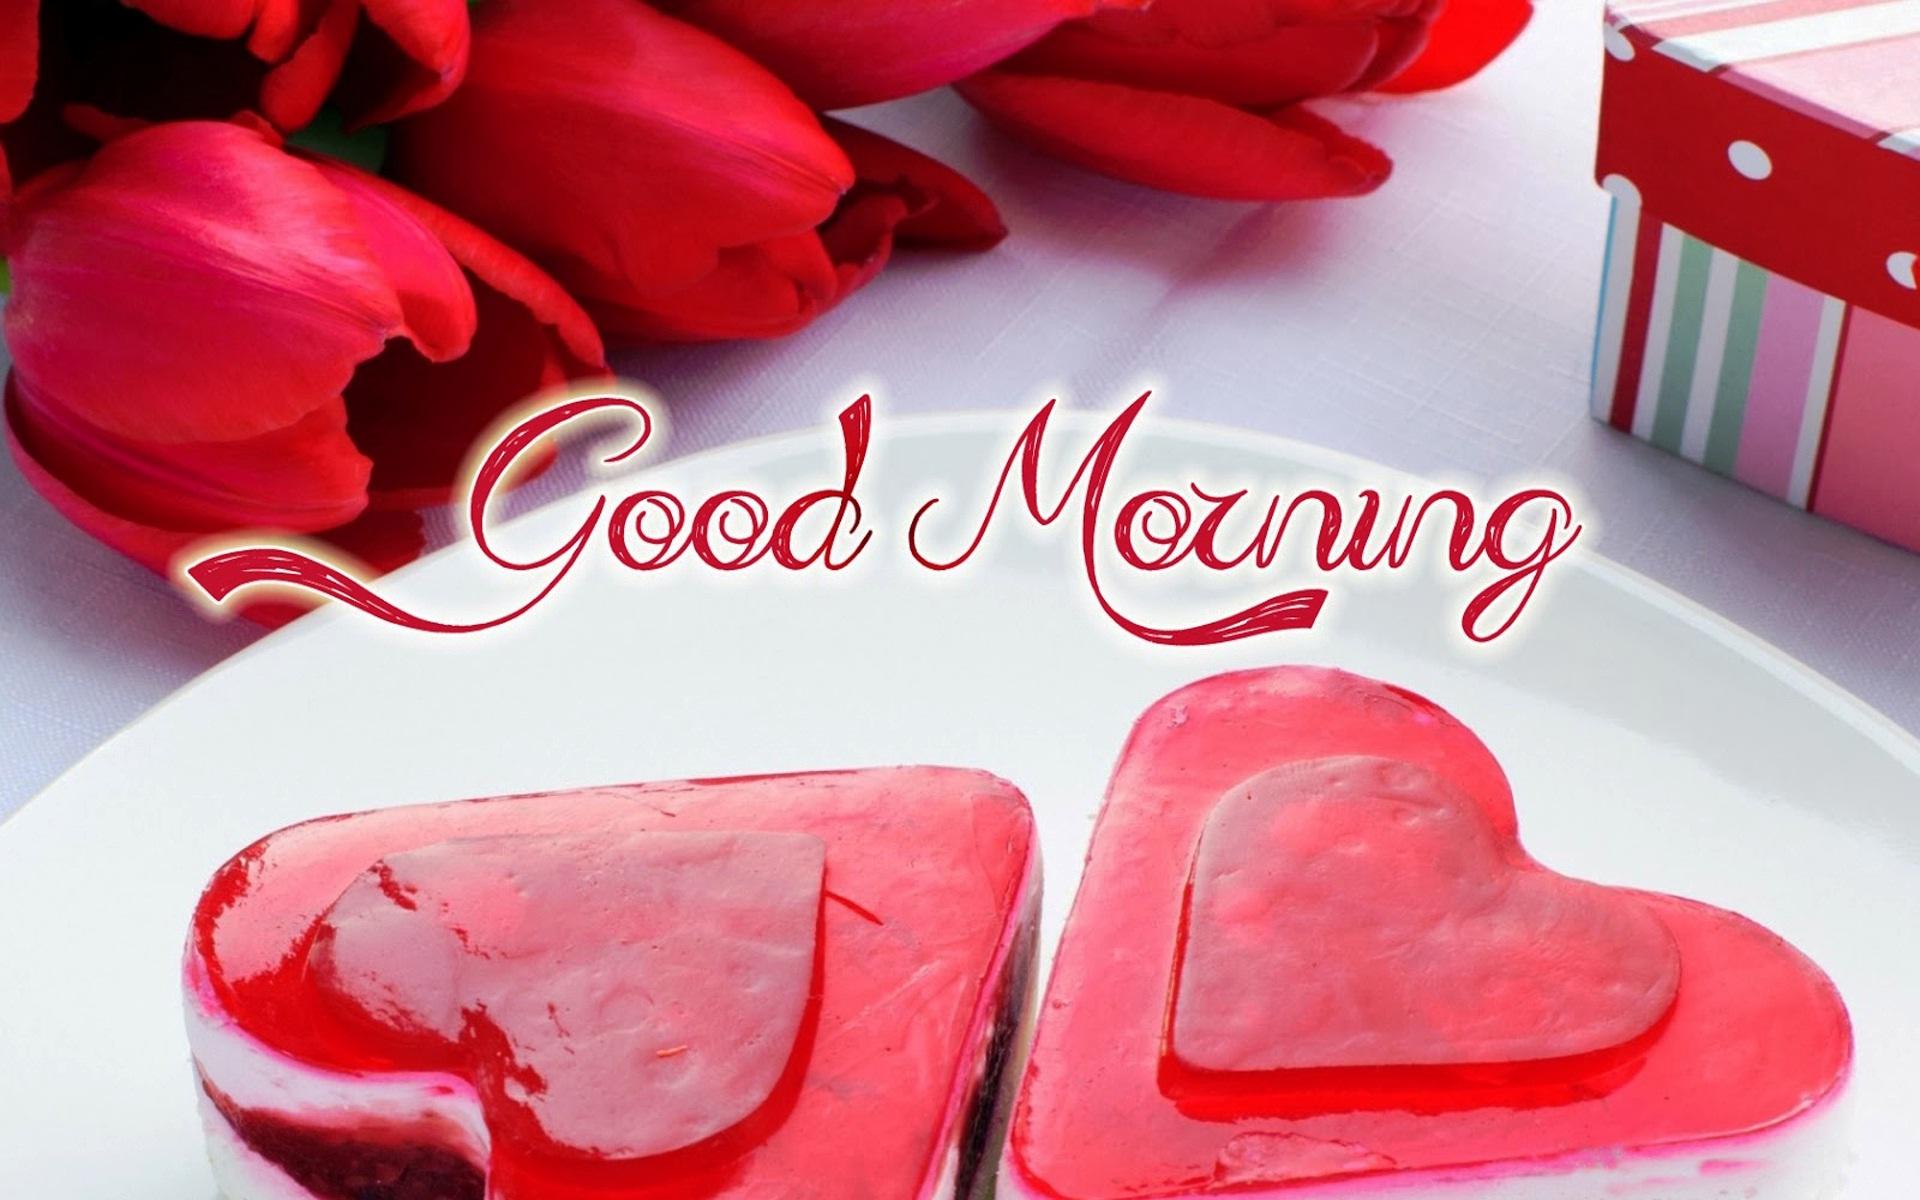 بالصور مسجات صباحية للحبيب , الى حبيبي اروع رسائل الصباح 3665 1